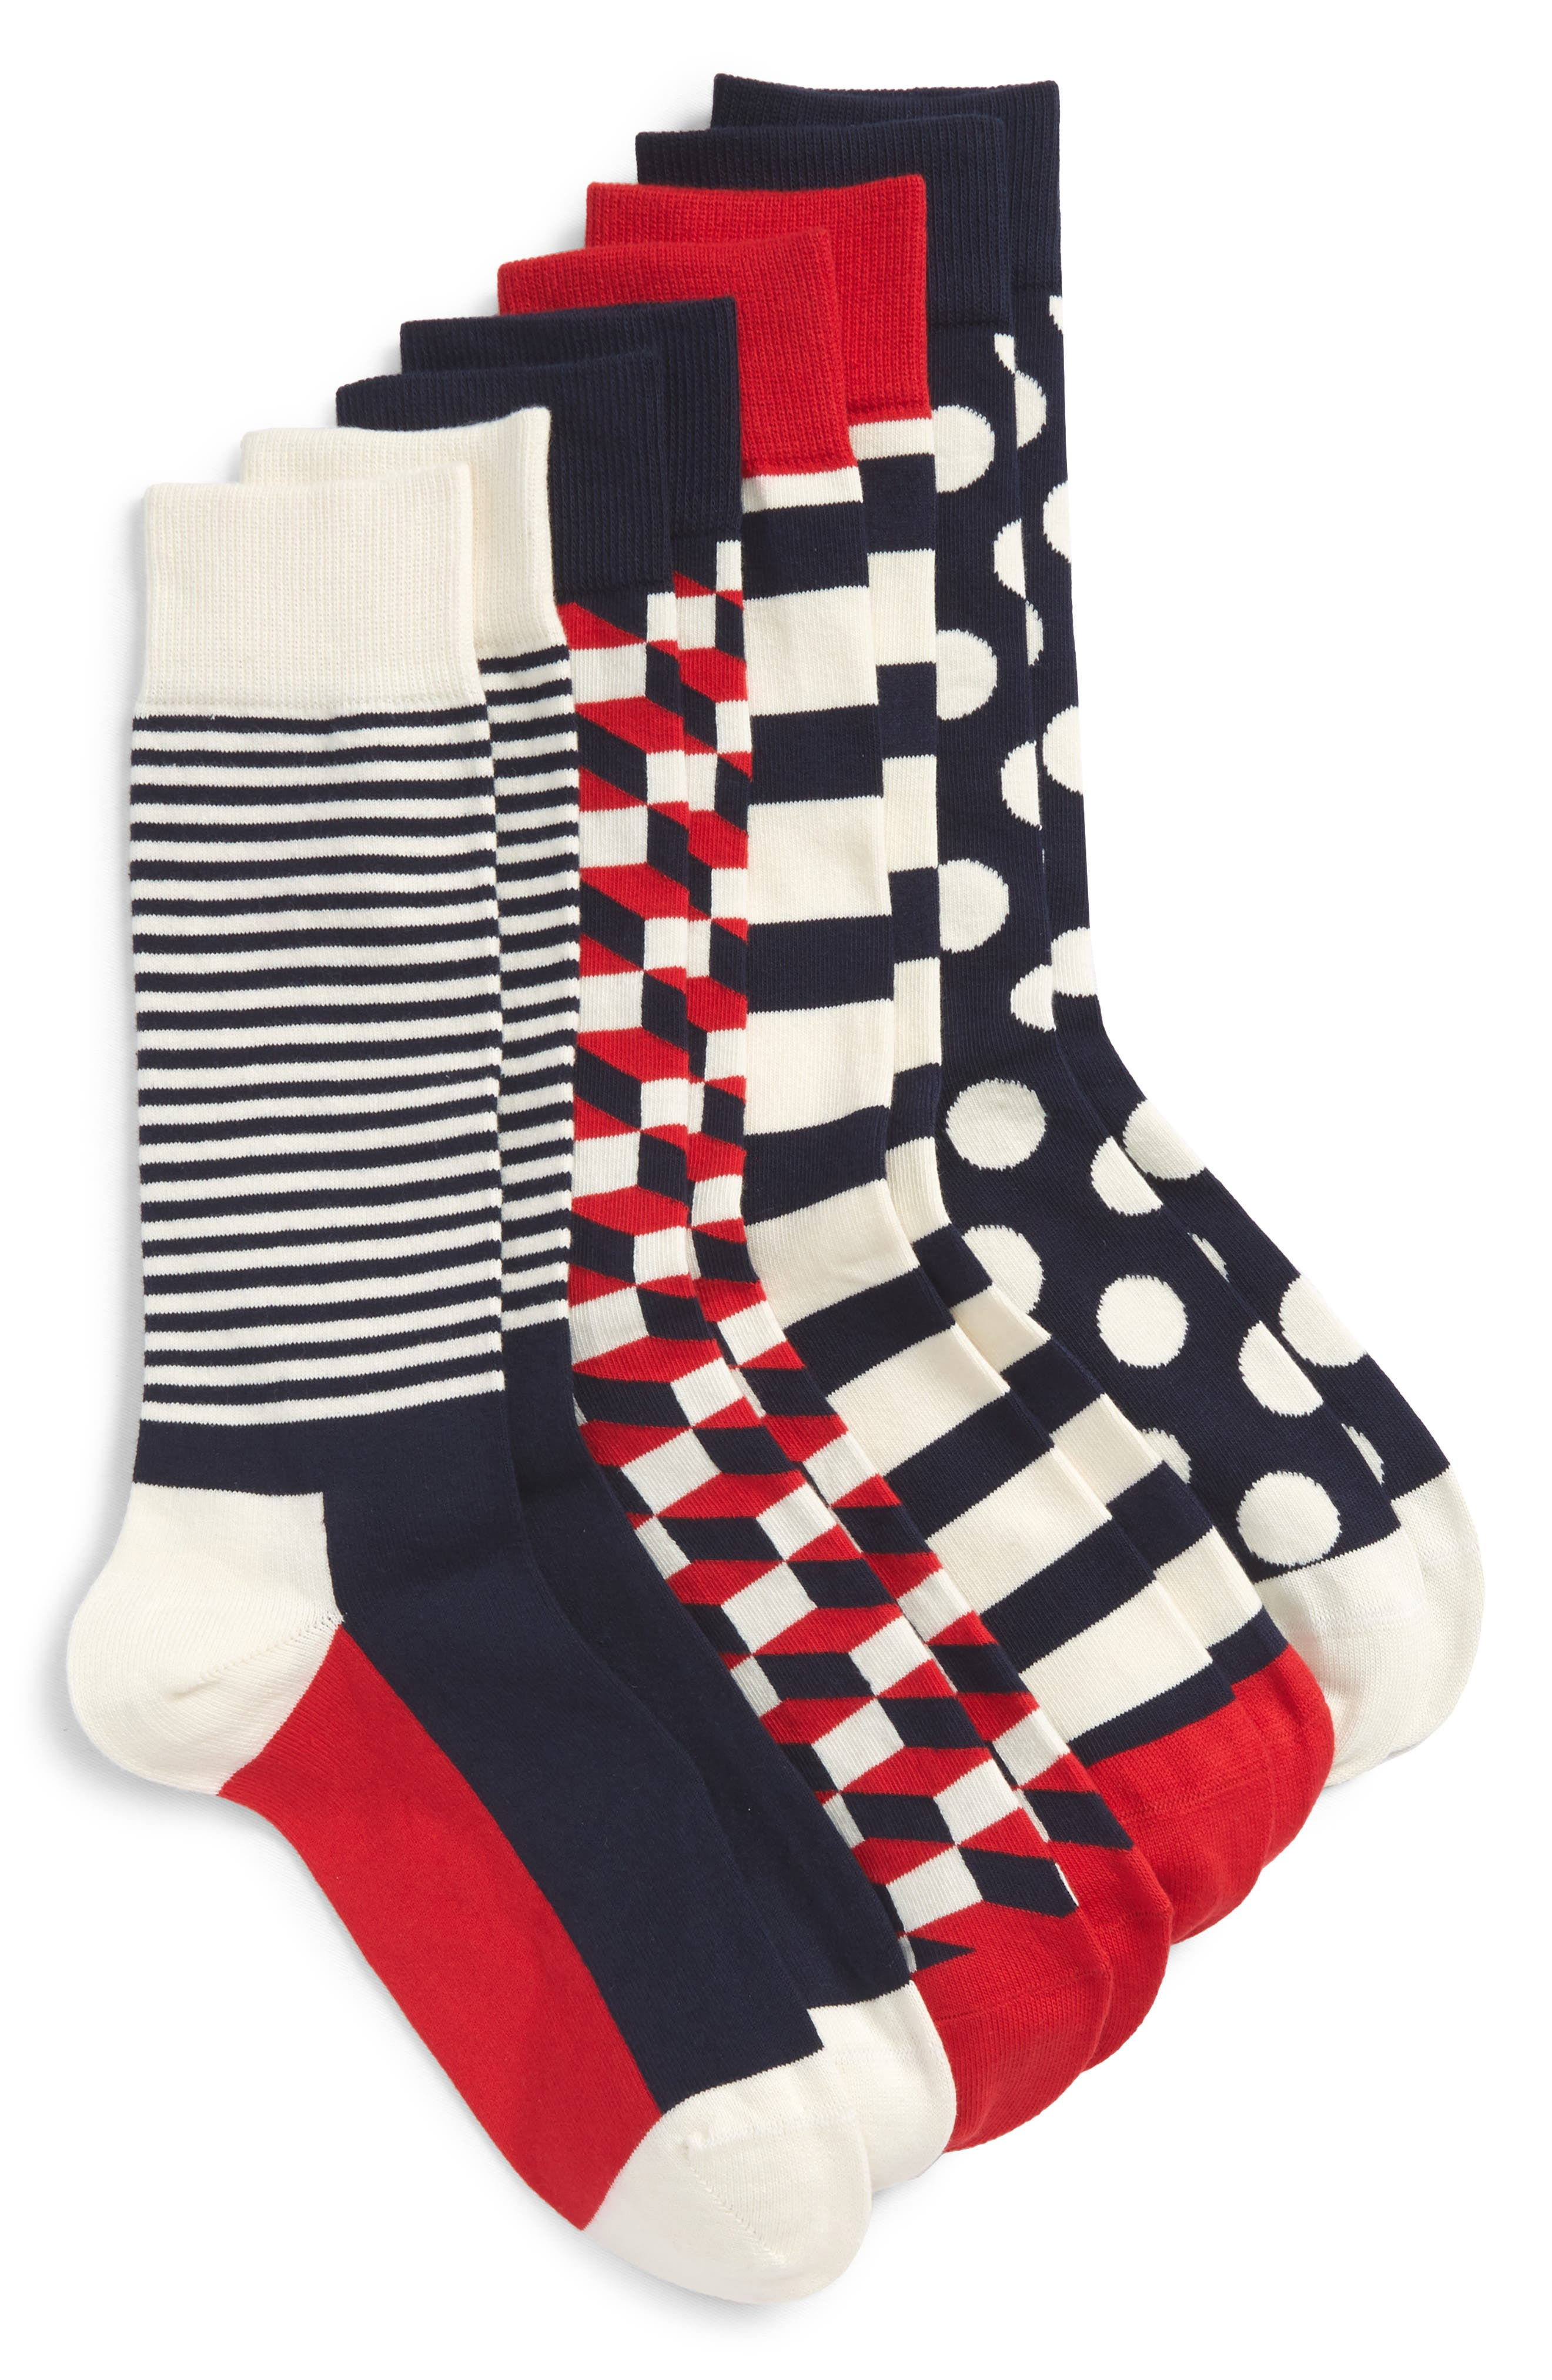 Happy Socks 4-Pack Sock Gift Set